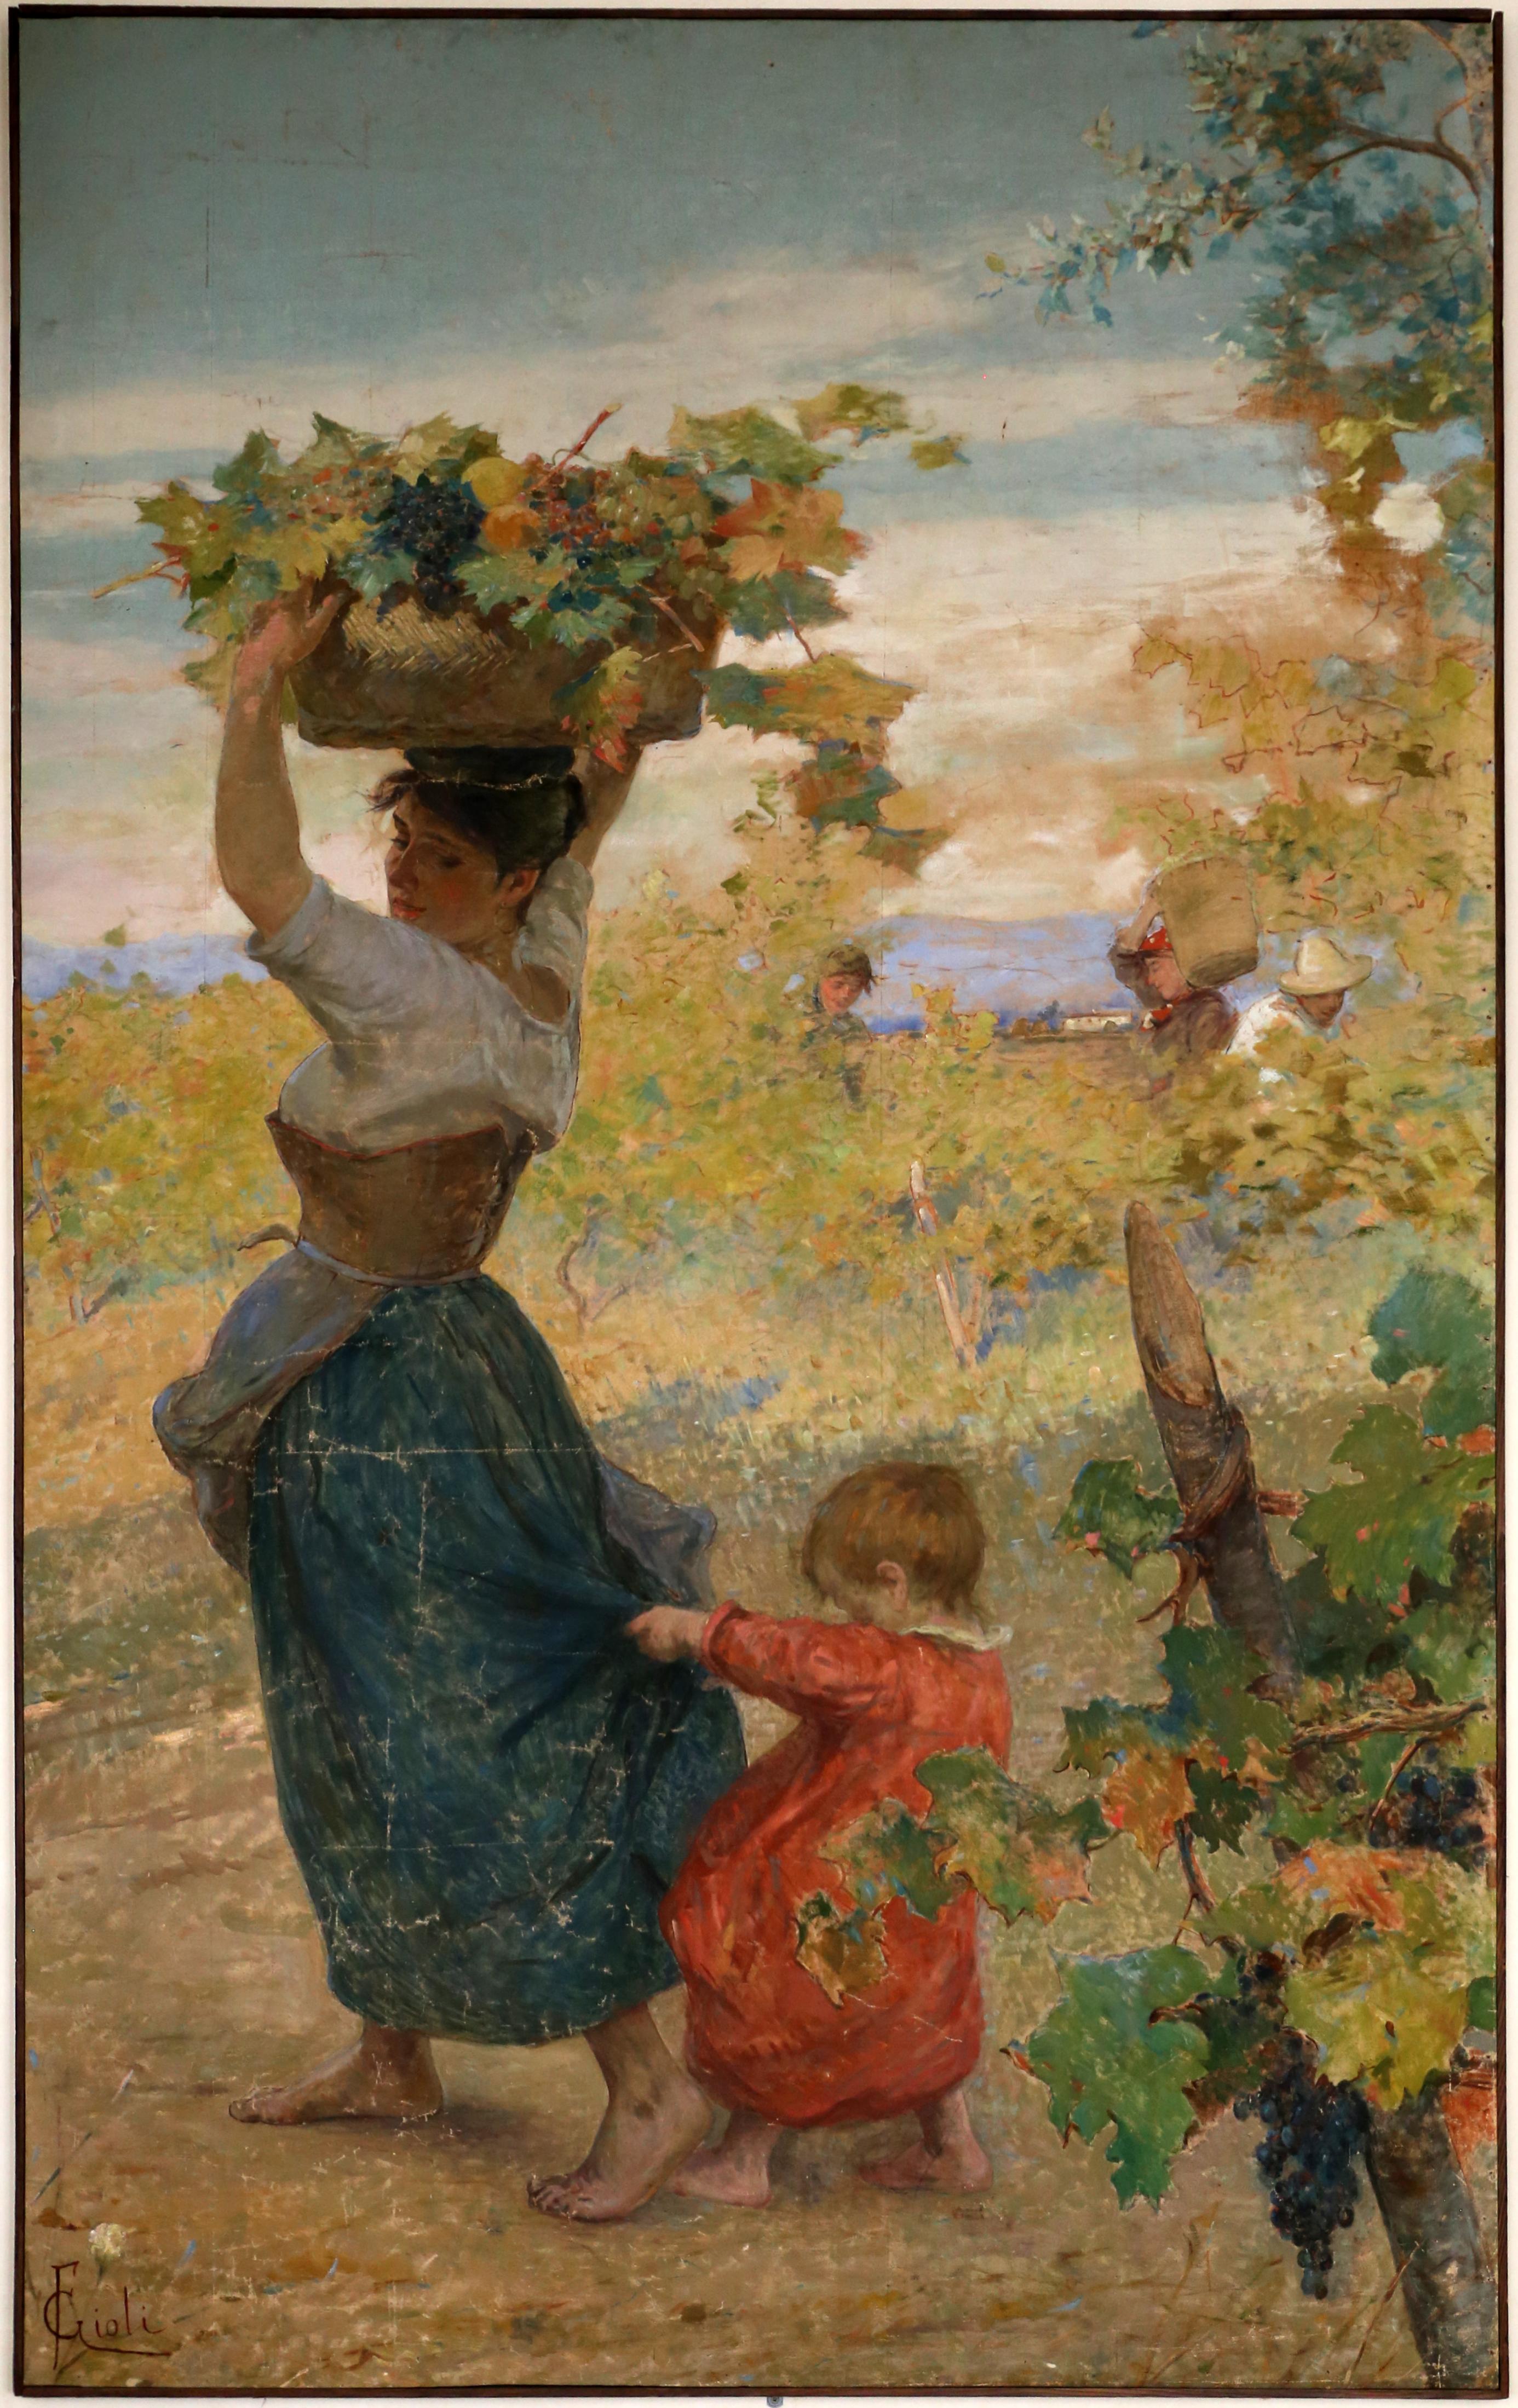 Francesco Gioli - Contadina con cesta alla vendemmia (1895)